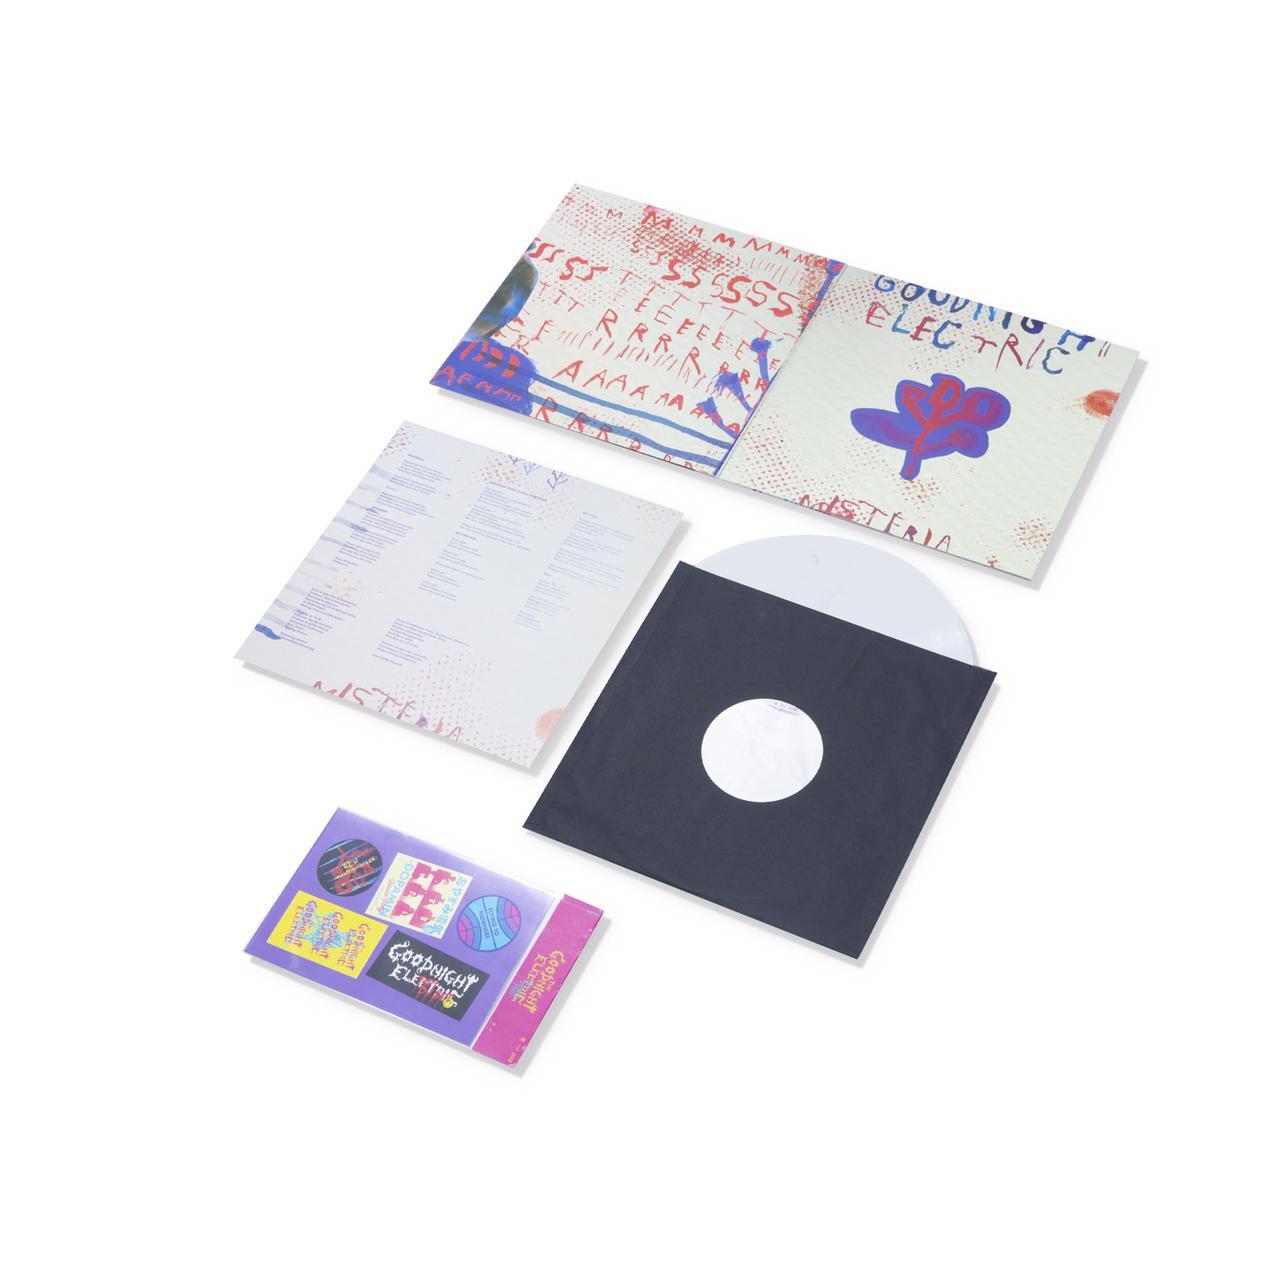 Goodnight Electric Rilis Album Penuh Ketiga Dalam Format Piringan Hitam, Bakal Ada Dalam Format VHS Juga